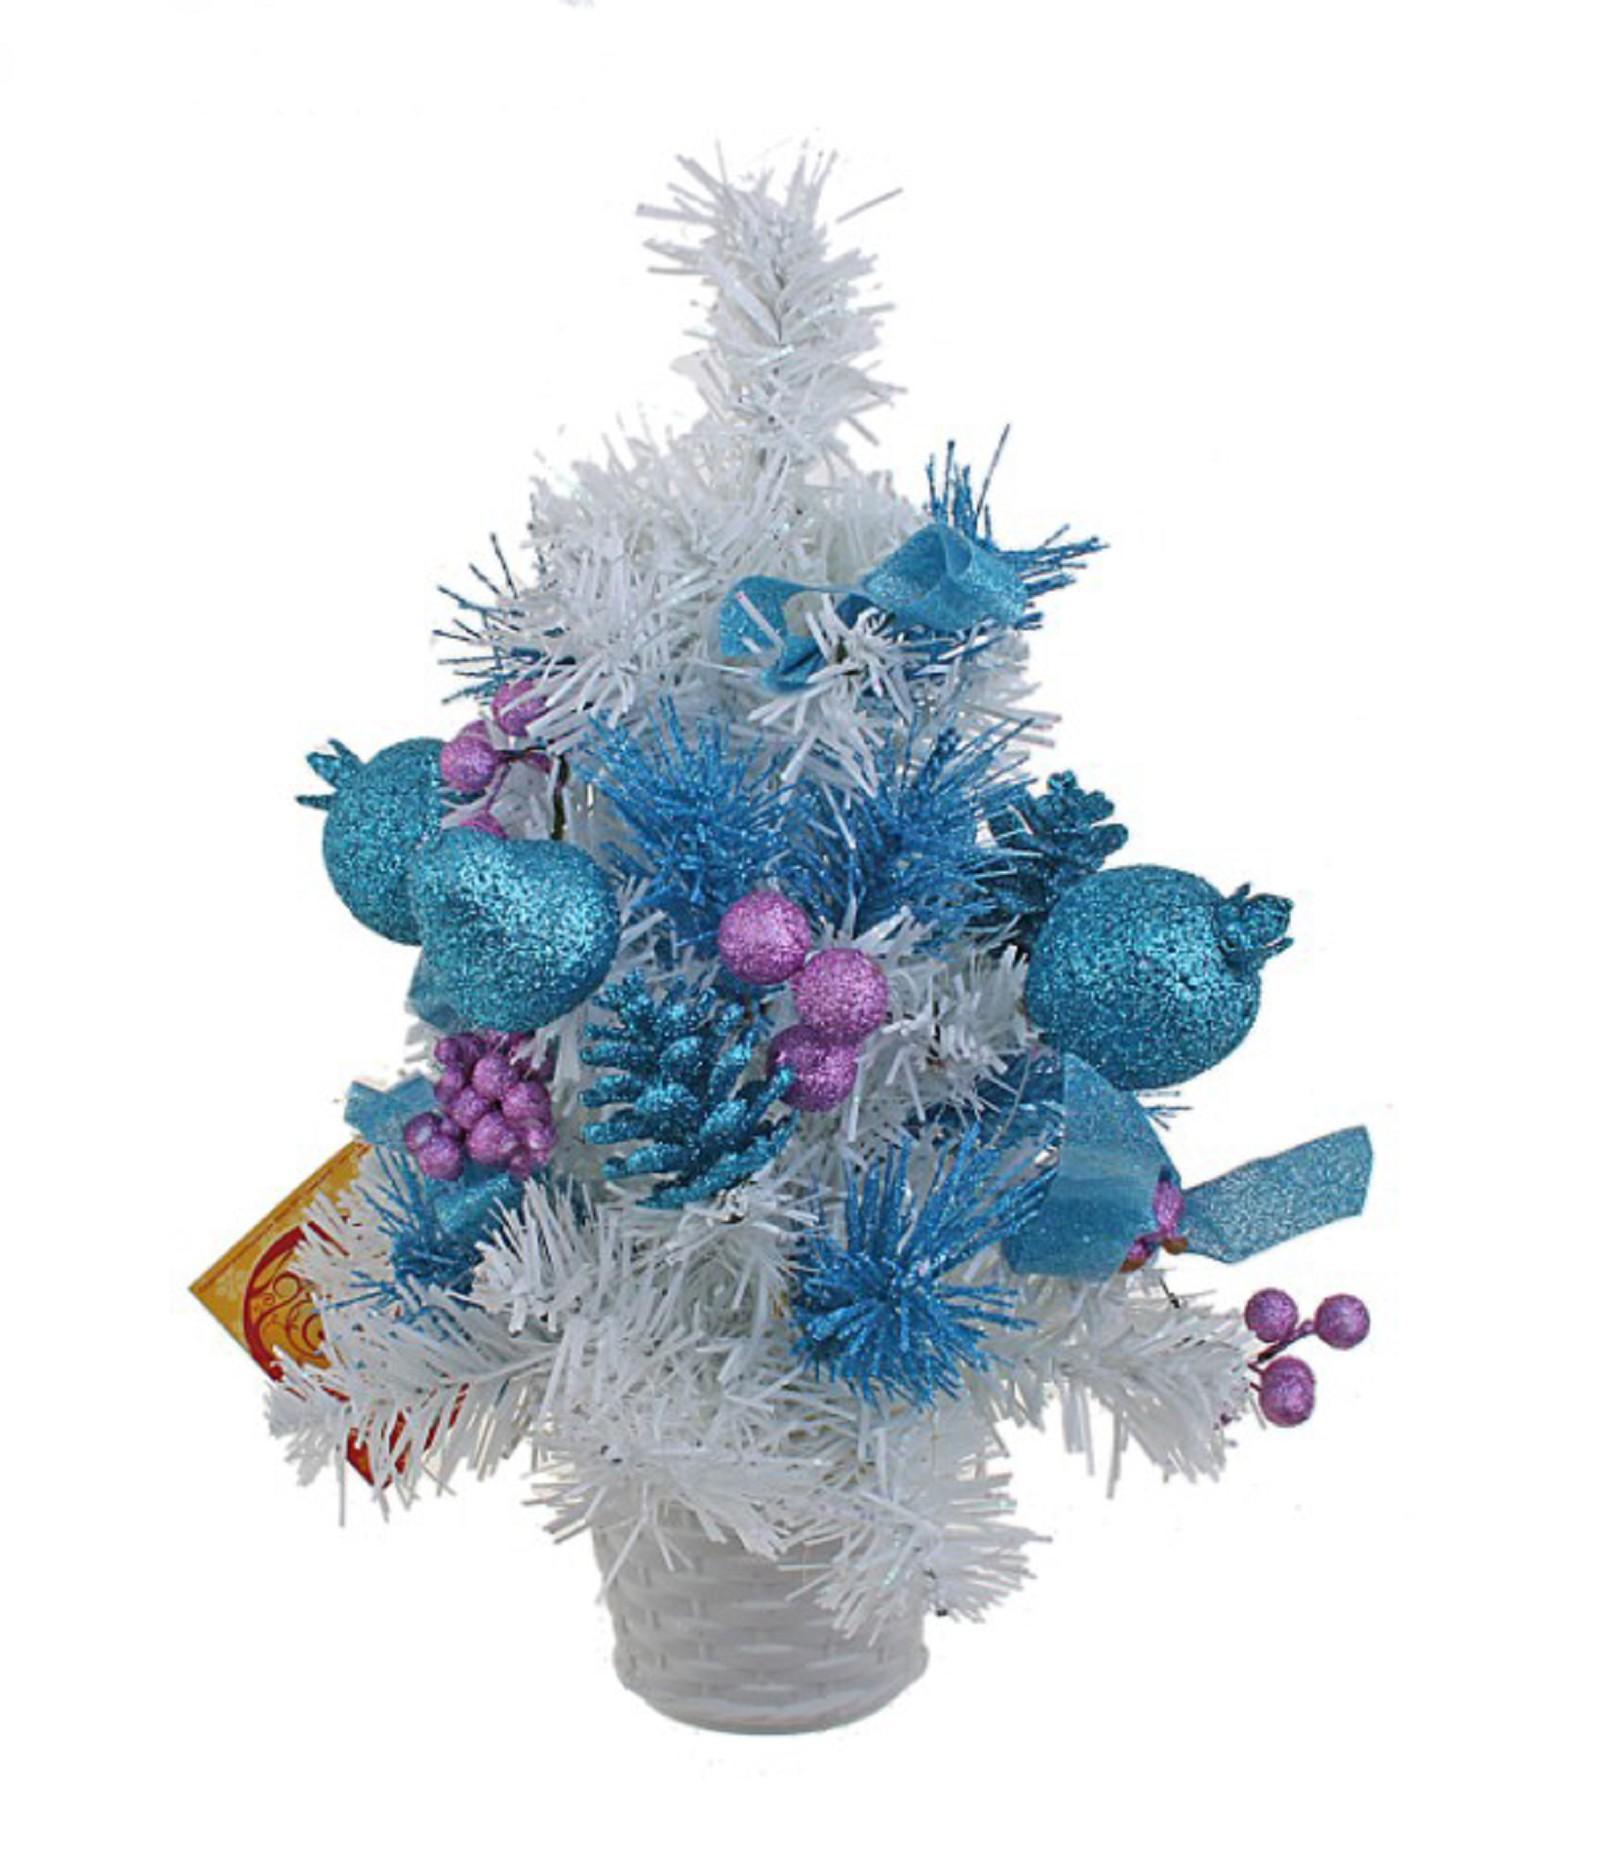 Декоративное украшение Новогодняя елочка, цвет: белый, голубой, сиреневый, высота 30 см. 705177705177Декоративное украшение, выполненное из пластика - мини-елочка для оформления интерьера к Новому году. Ее не нужно ни собирать, ни наряжать, зато настроение праздника она создает очень быстро. Елка украшена шишками, лентами, елочными игрушками и шариками. Елка украсит интерьер вашего дома или офиса к Новому году и создаст теплую и уютную атмосферу праздника.Откройте для себя удивительный мир сказок и грез. Почувствуйте волшебные минуты ожидания праздника, создайте новогоднее настроение вашим дорогим и близким. Характеристики:Материал: пластик, металл, текстиль. Цвет: белый, голубой, сиреневый. Размер елочки: 17 см х 17 см х 30 см. Артикул: 705177.